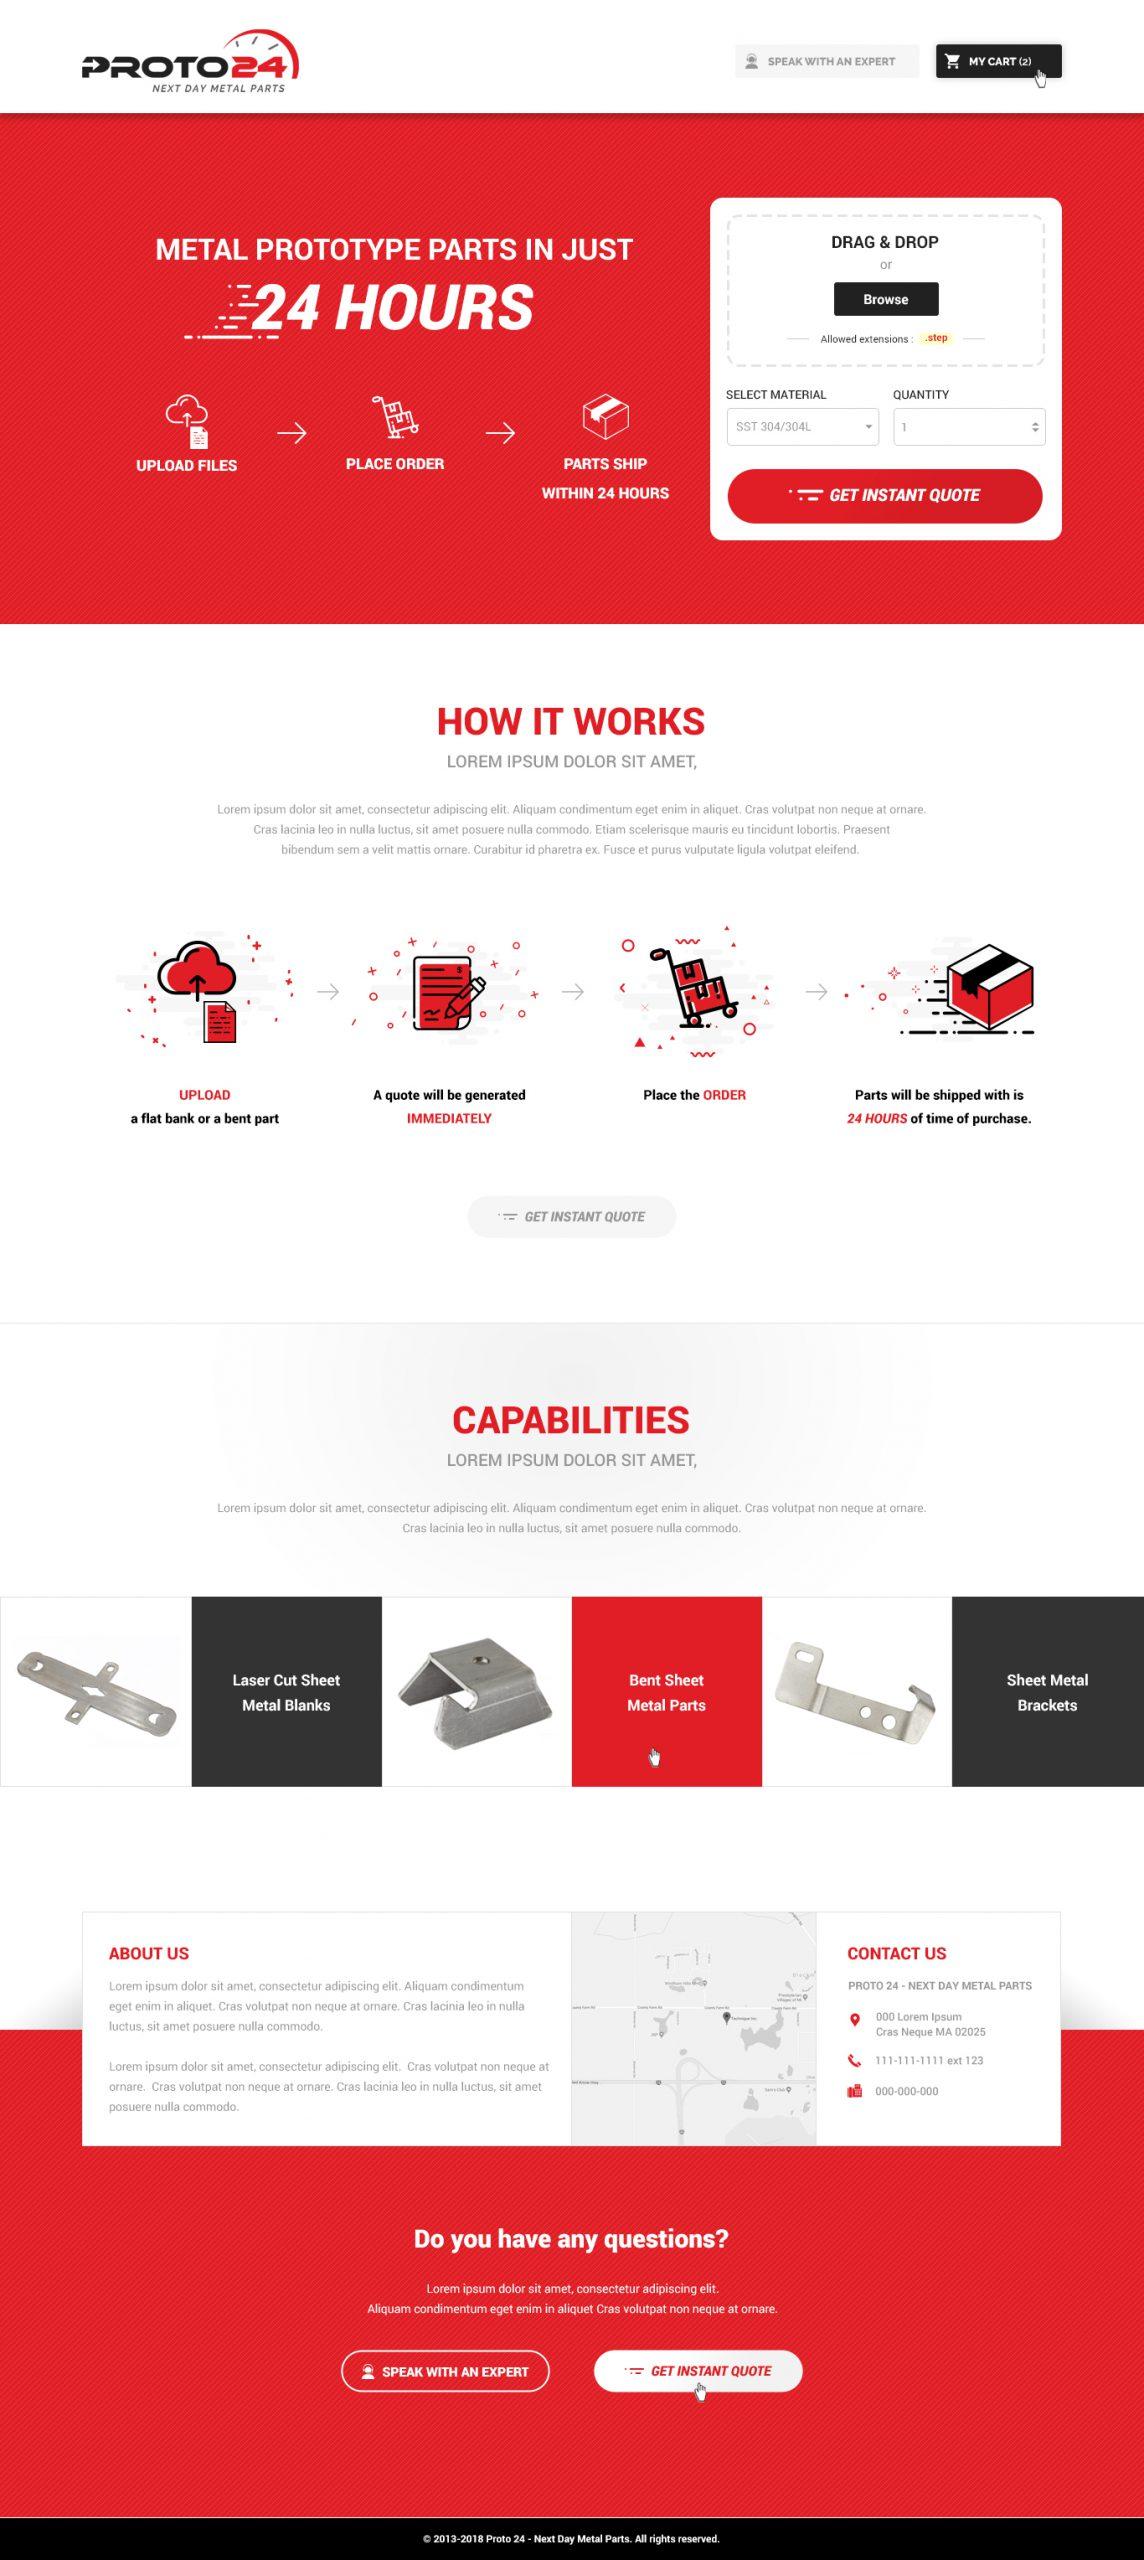 Proto 24 - Homepage Design